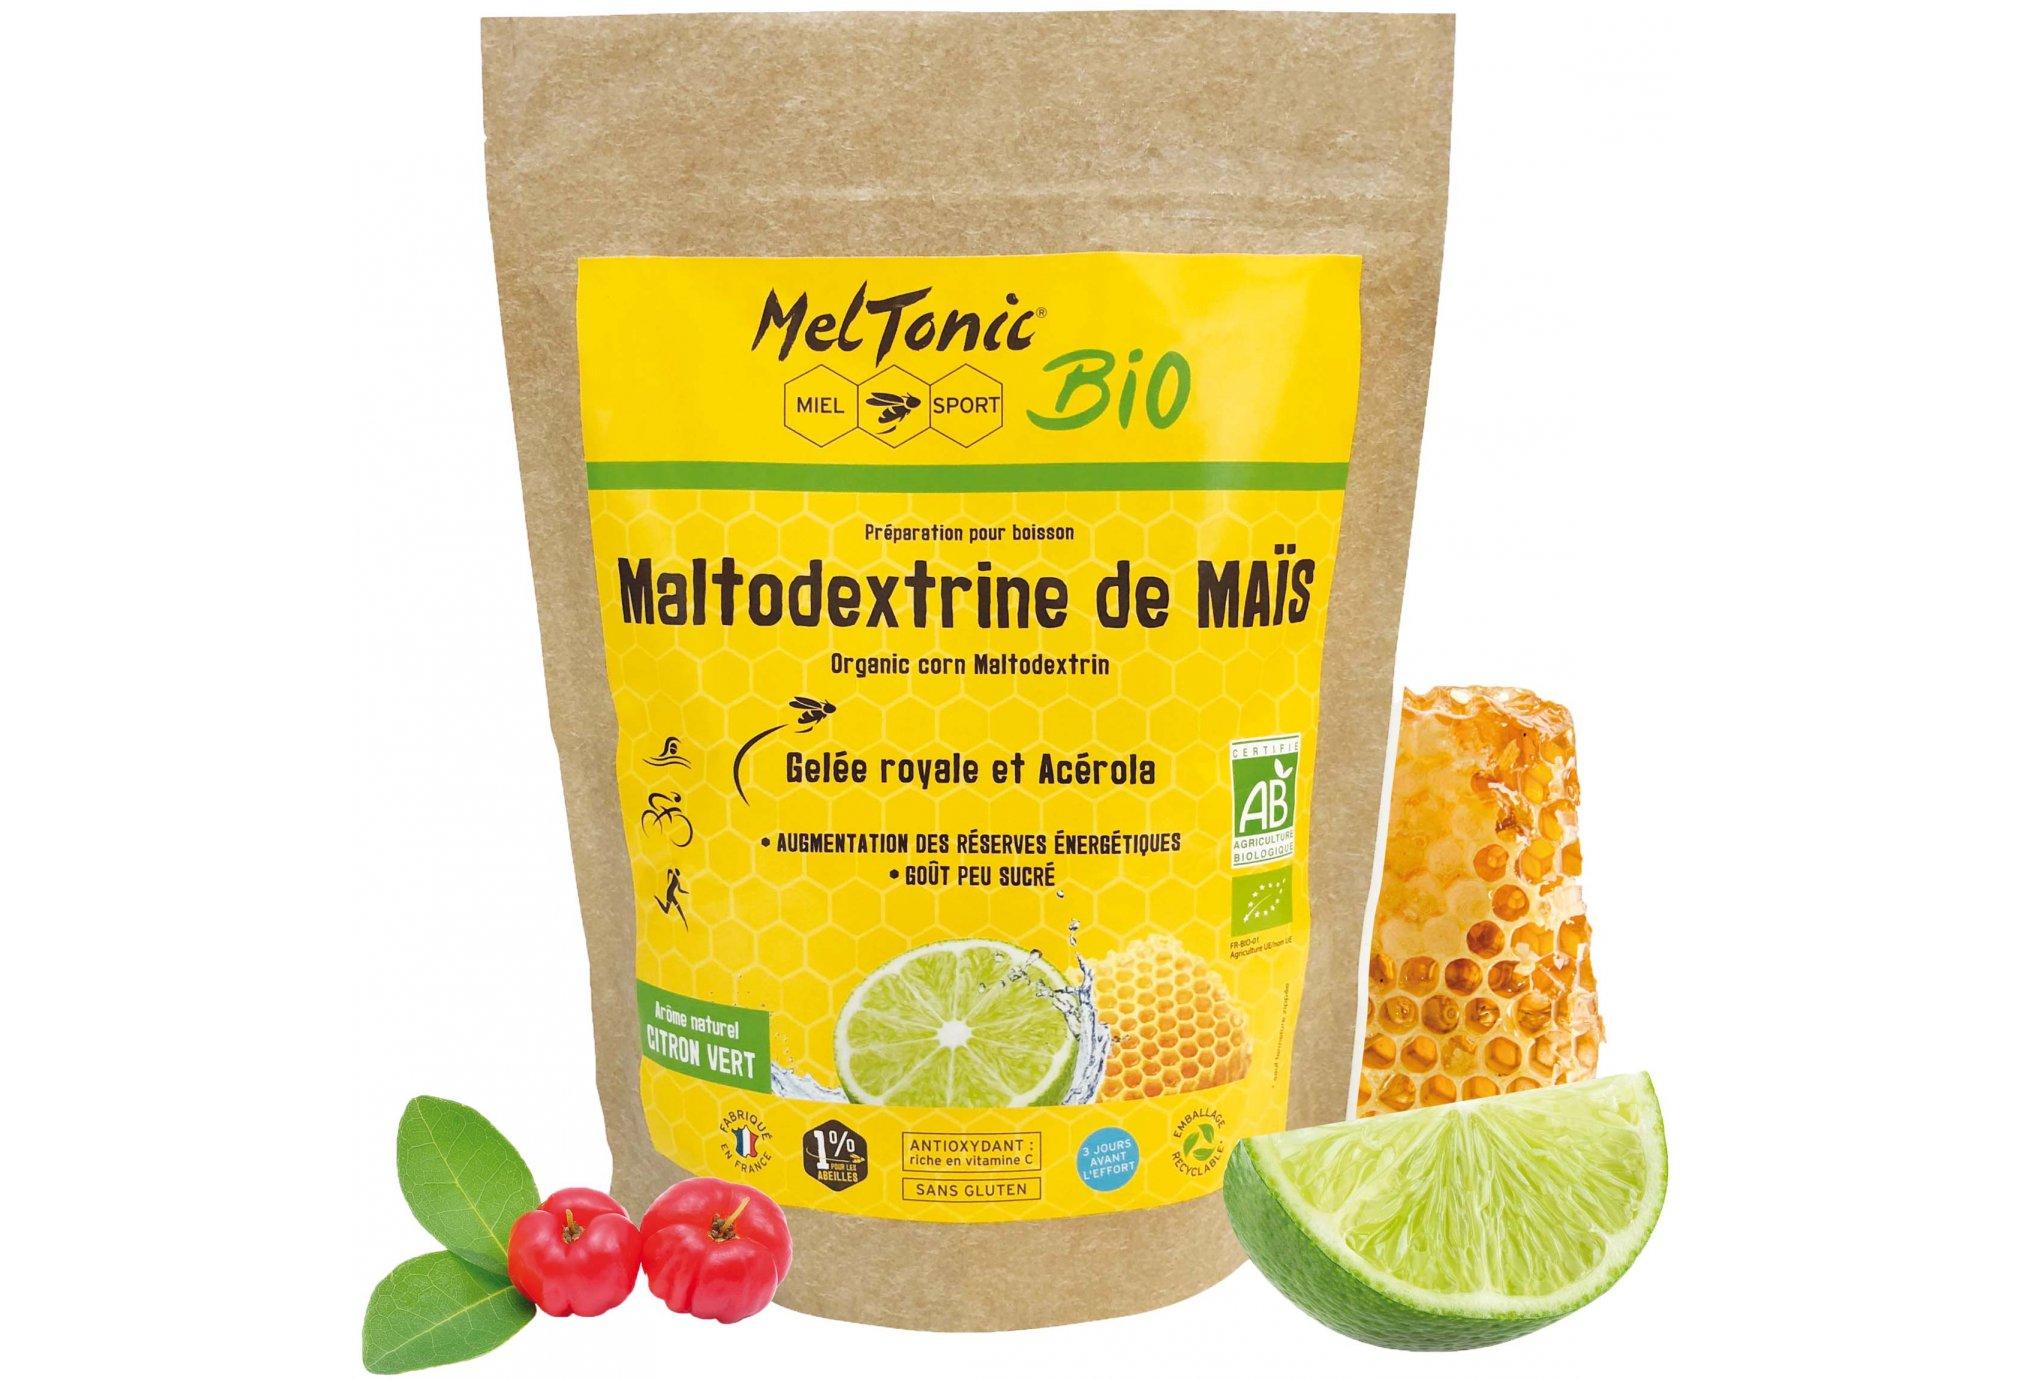 MelTonic Maltodextrine de maïs Bio - Citron vert Diététique Boissons